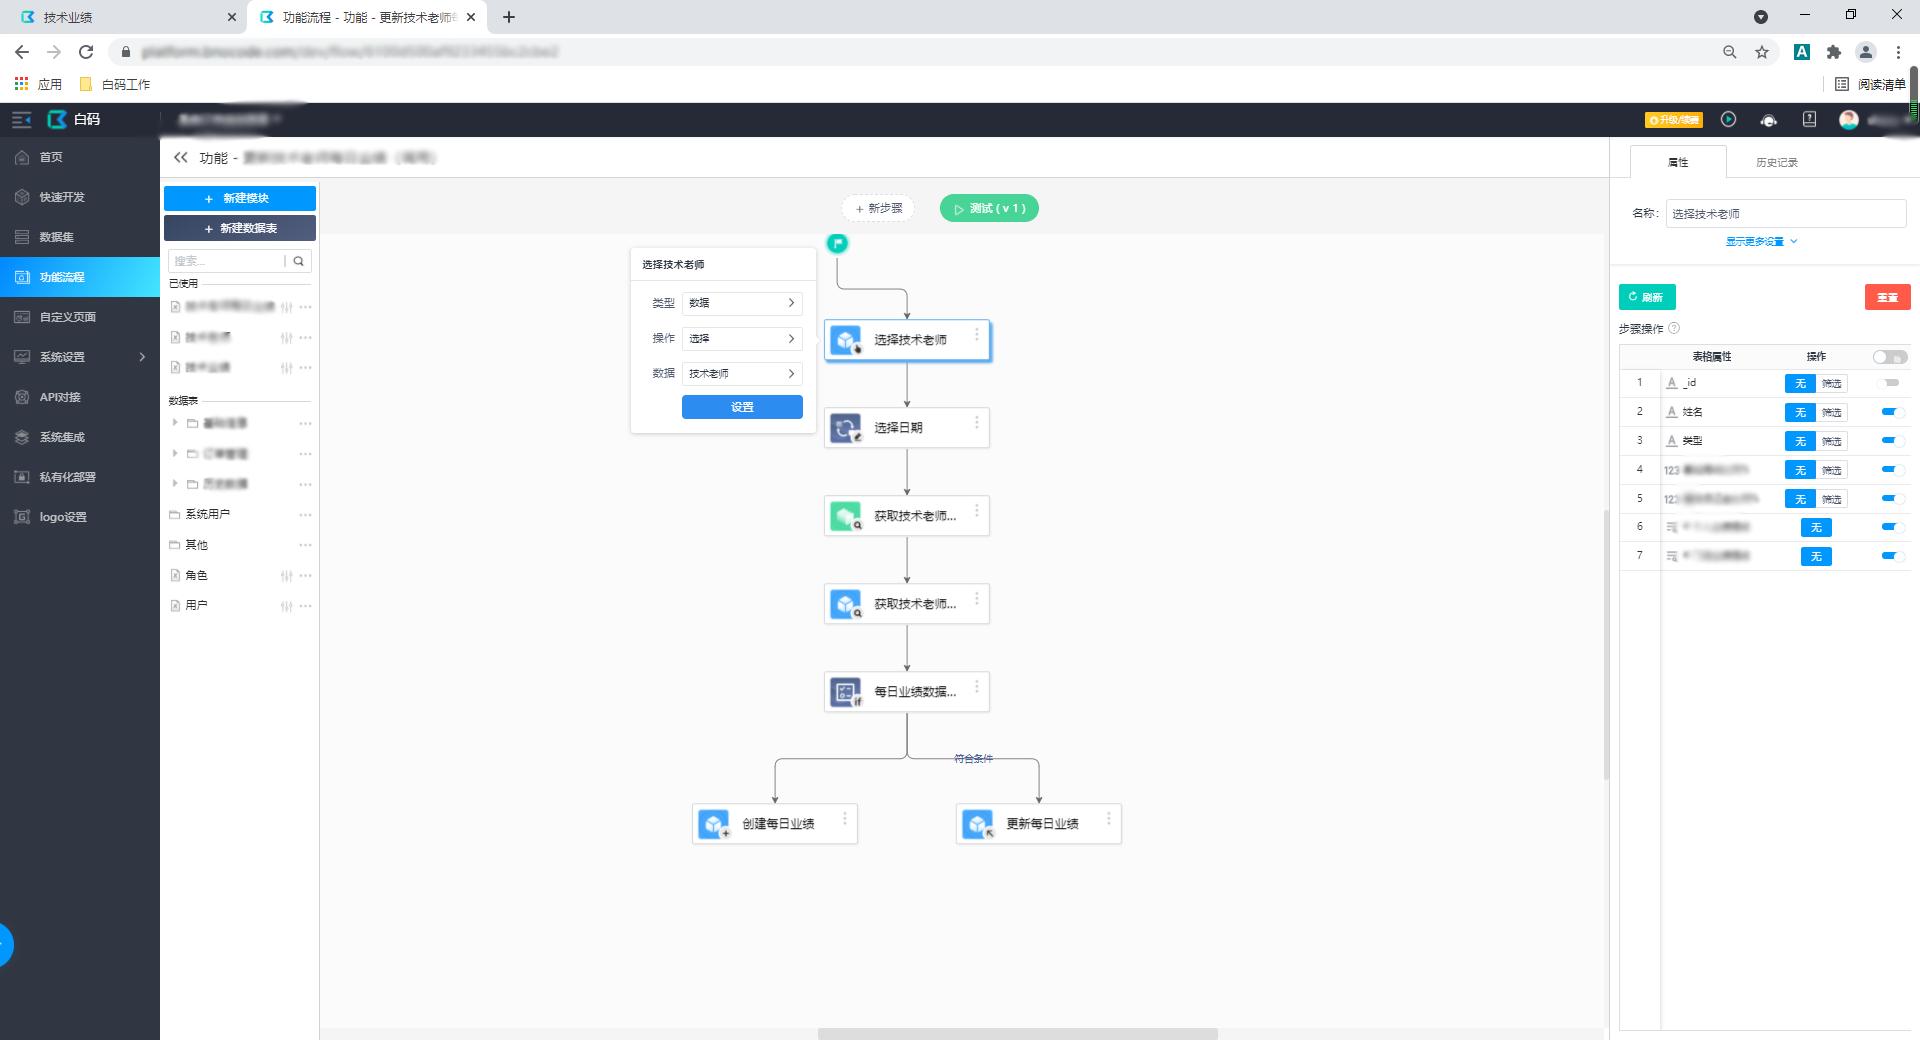 悦赏荟美容绩效管理系统展示白码平台的开发过程